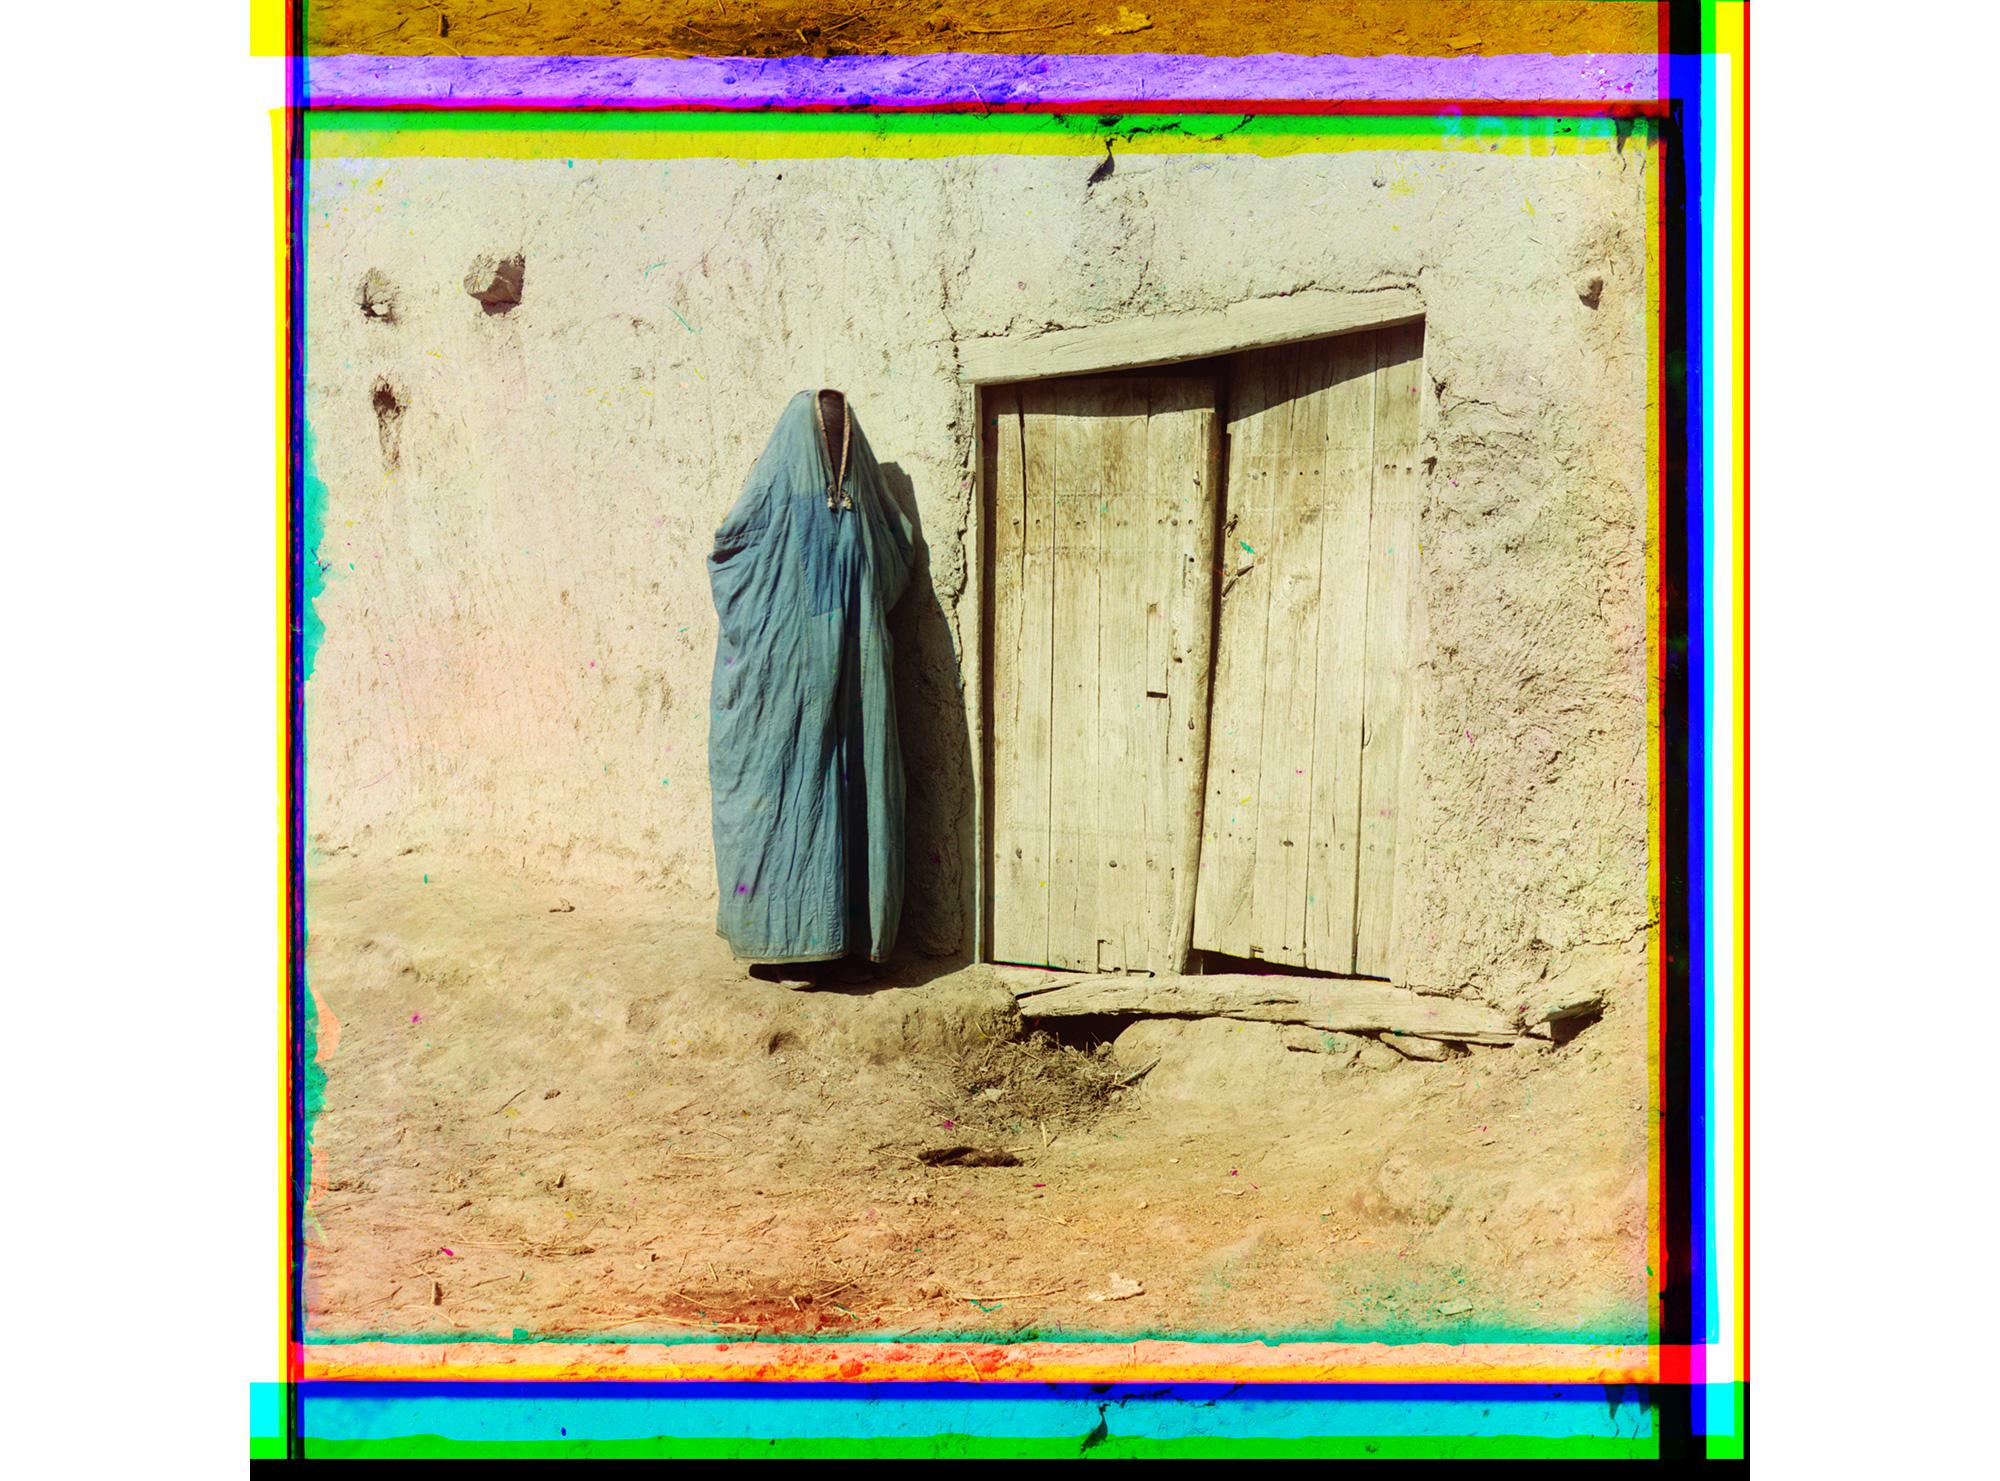 Sarten-Frau in einem Paranja, Samarkand, zwischen 1905 und 1915